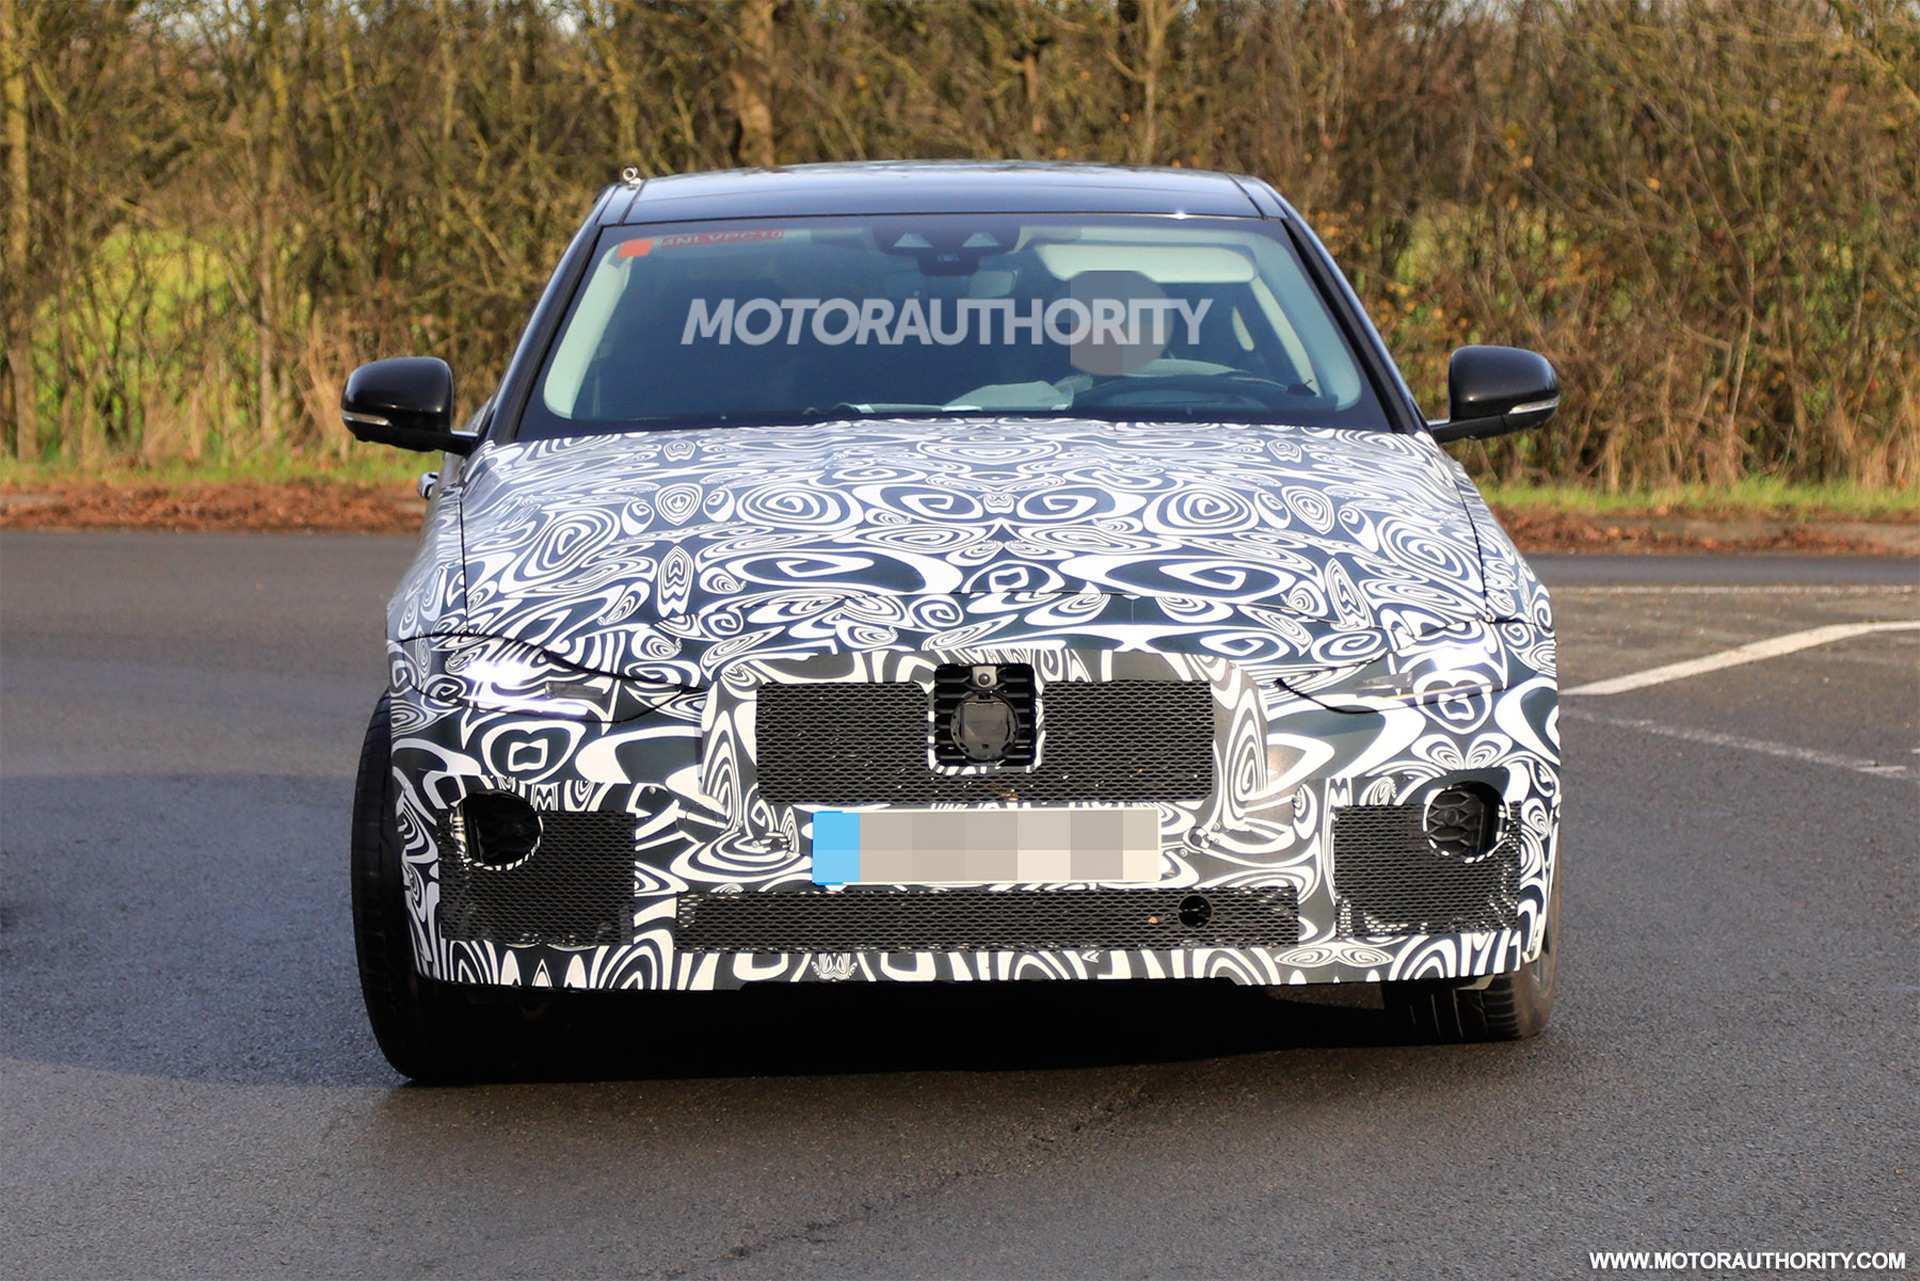 51 New Jaguar Neuheiten Bis 2020 History with Jaguar Neuheiten Bis 2020